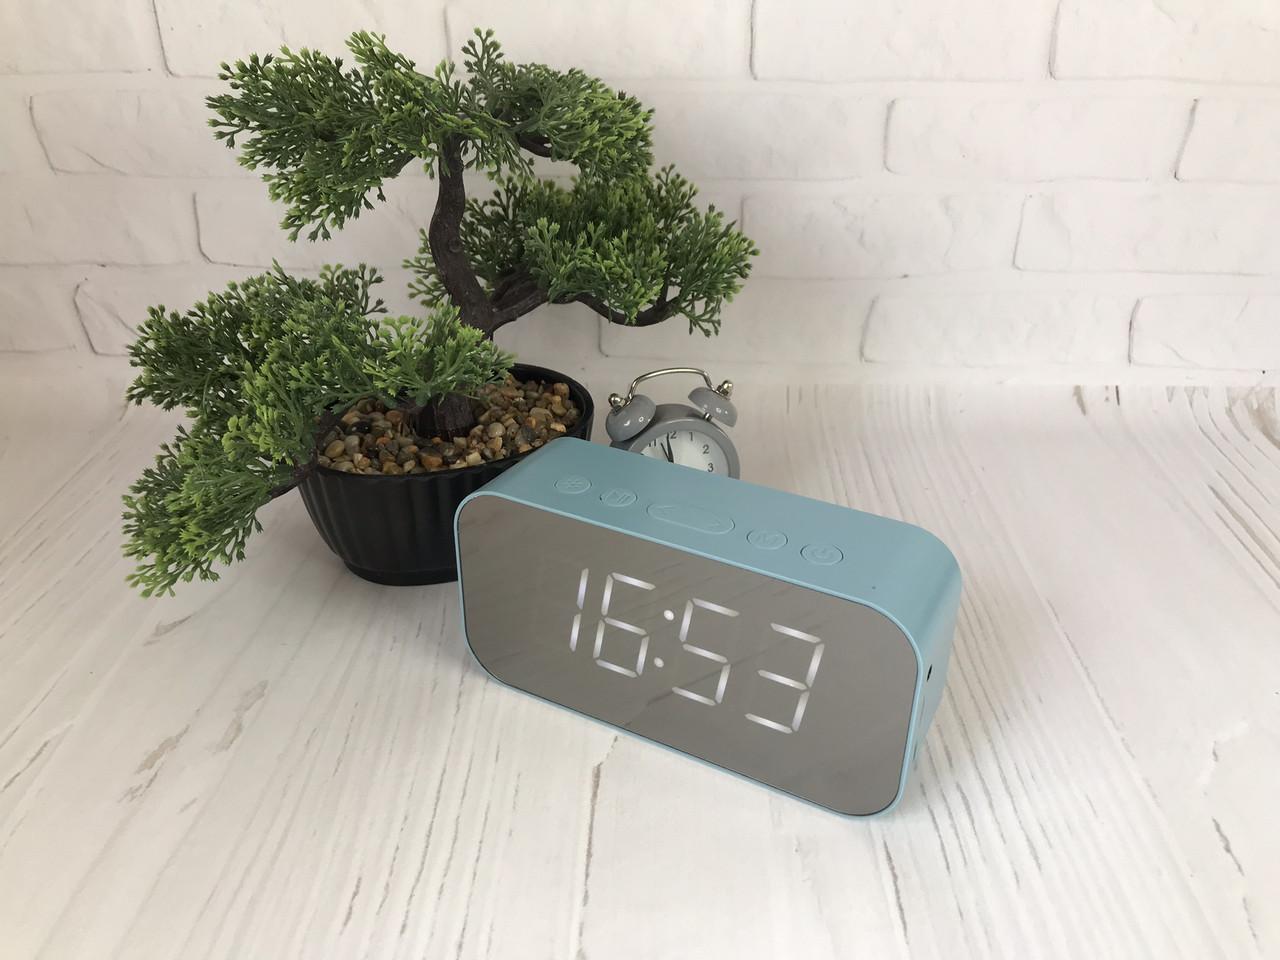 Портативная мобильная колонка Bluetooth зеркальная с часами, будильником JEDEL Голубой